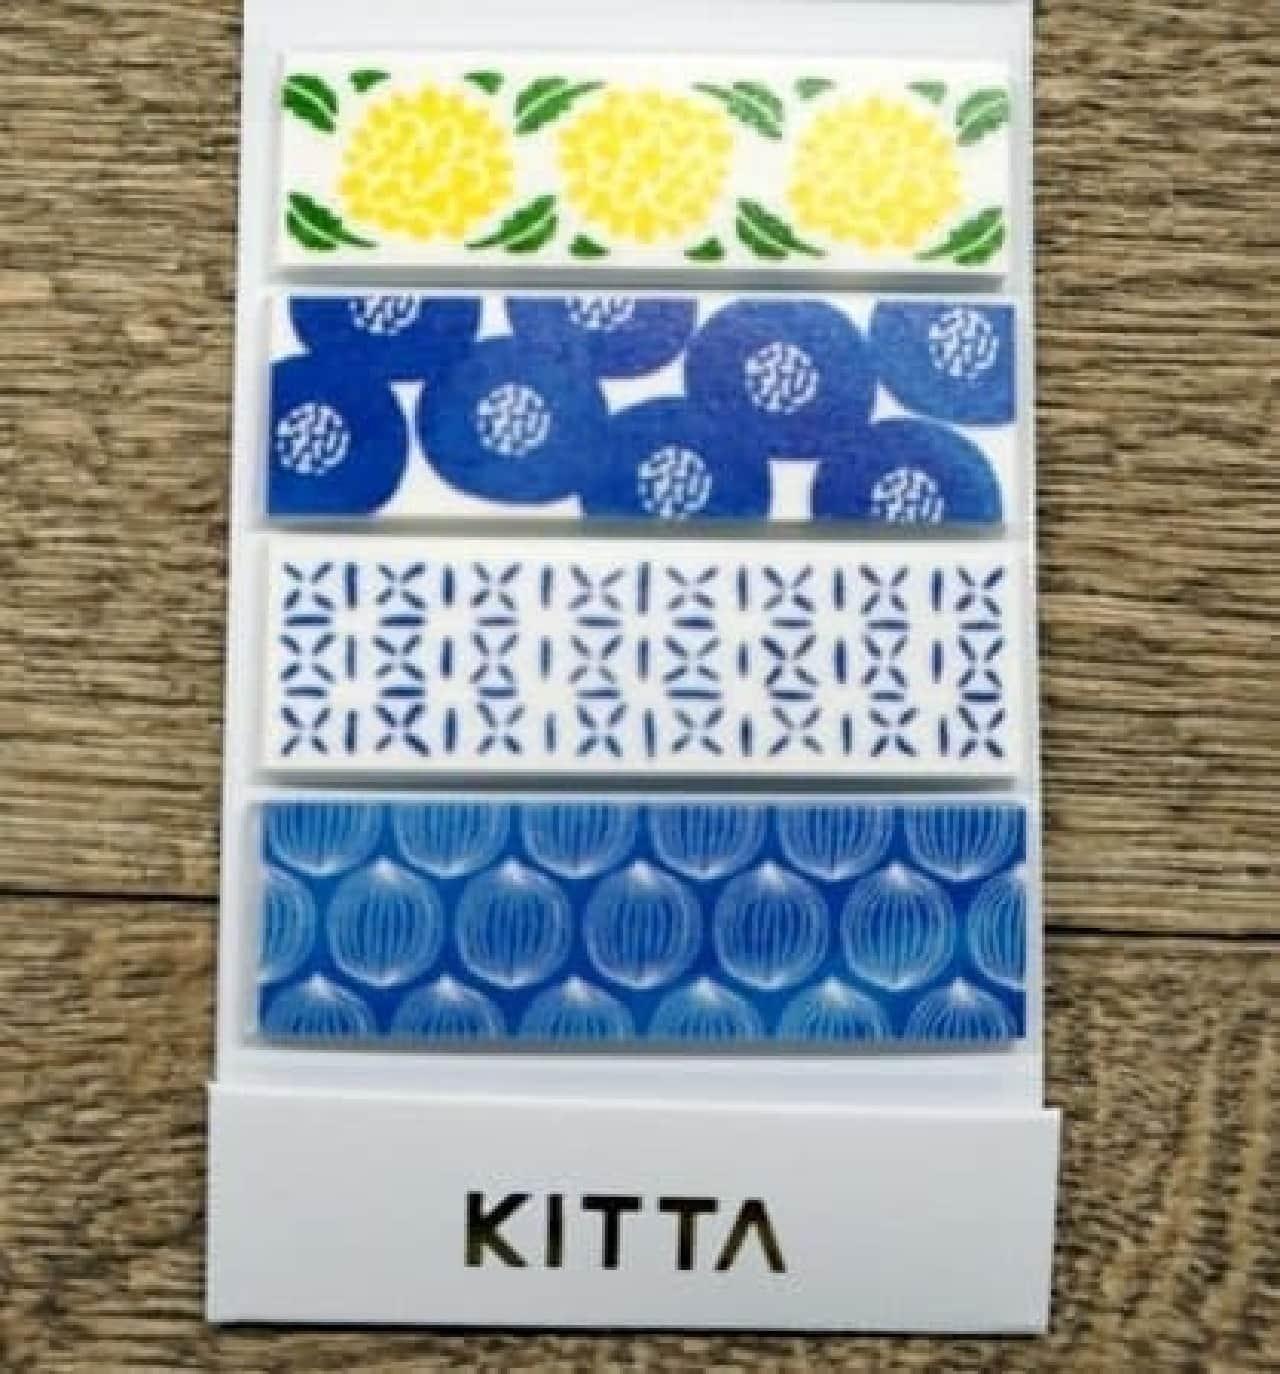 マスキングテープ「KITTA(キッタ)」